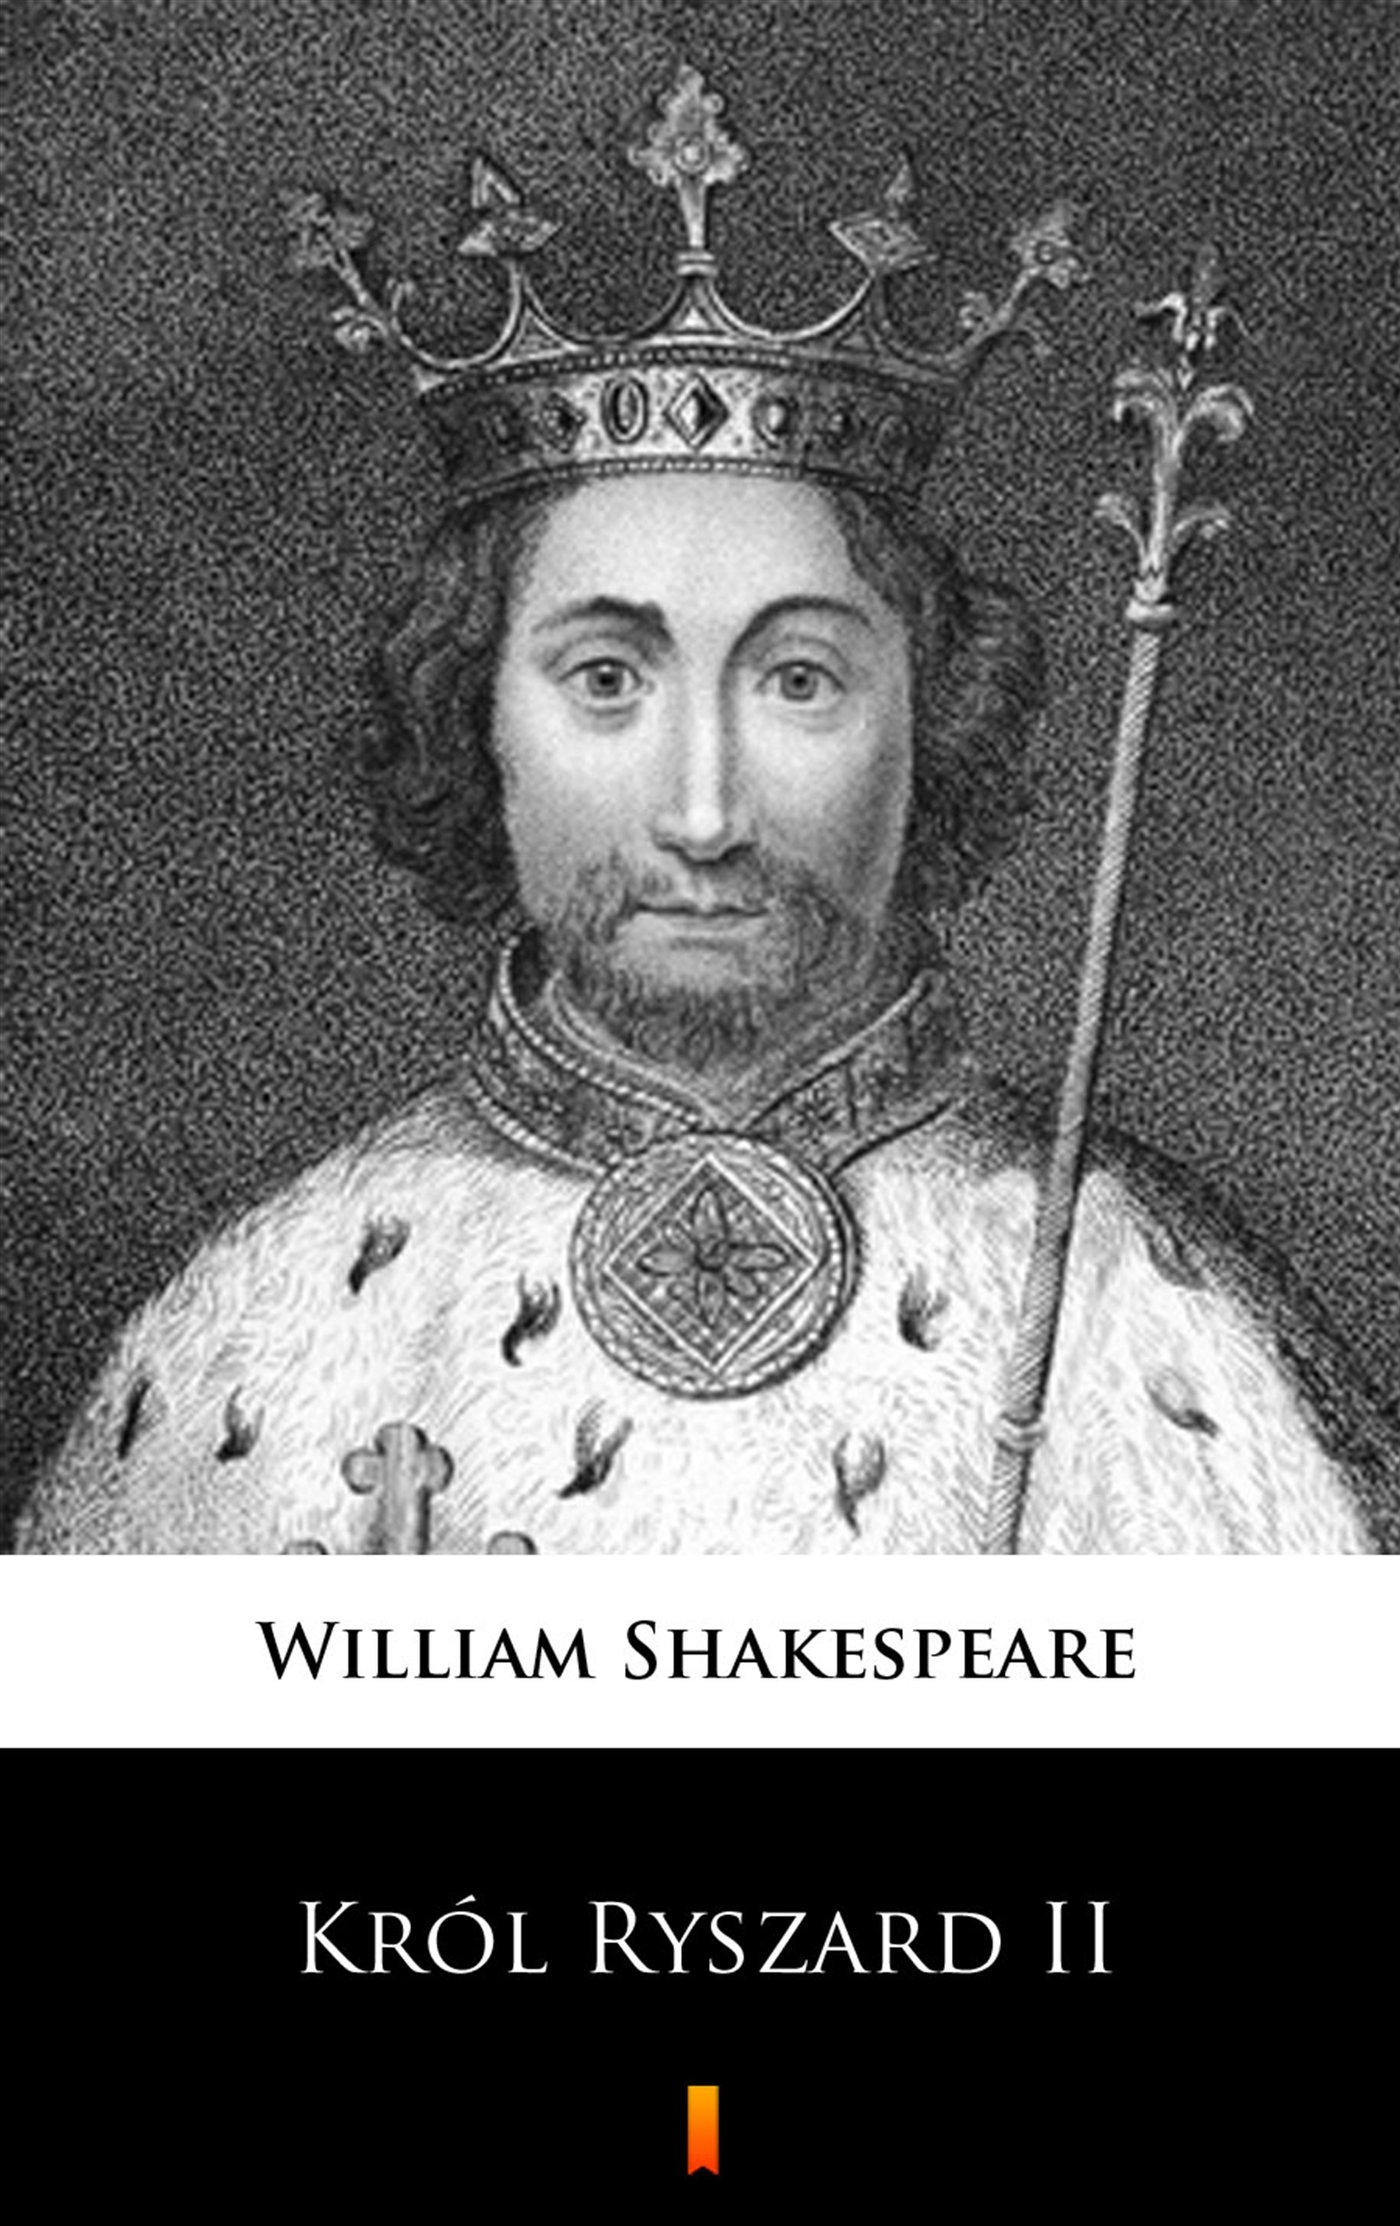 Król Ryszard II - Ebook (Książka na Kindle) do pobrania w formacie MOBI